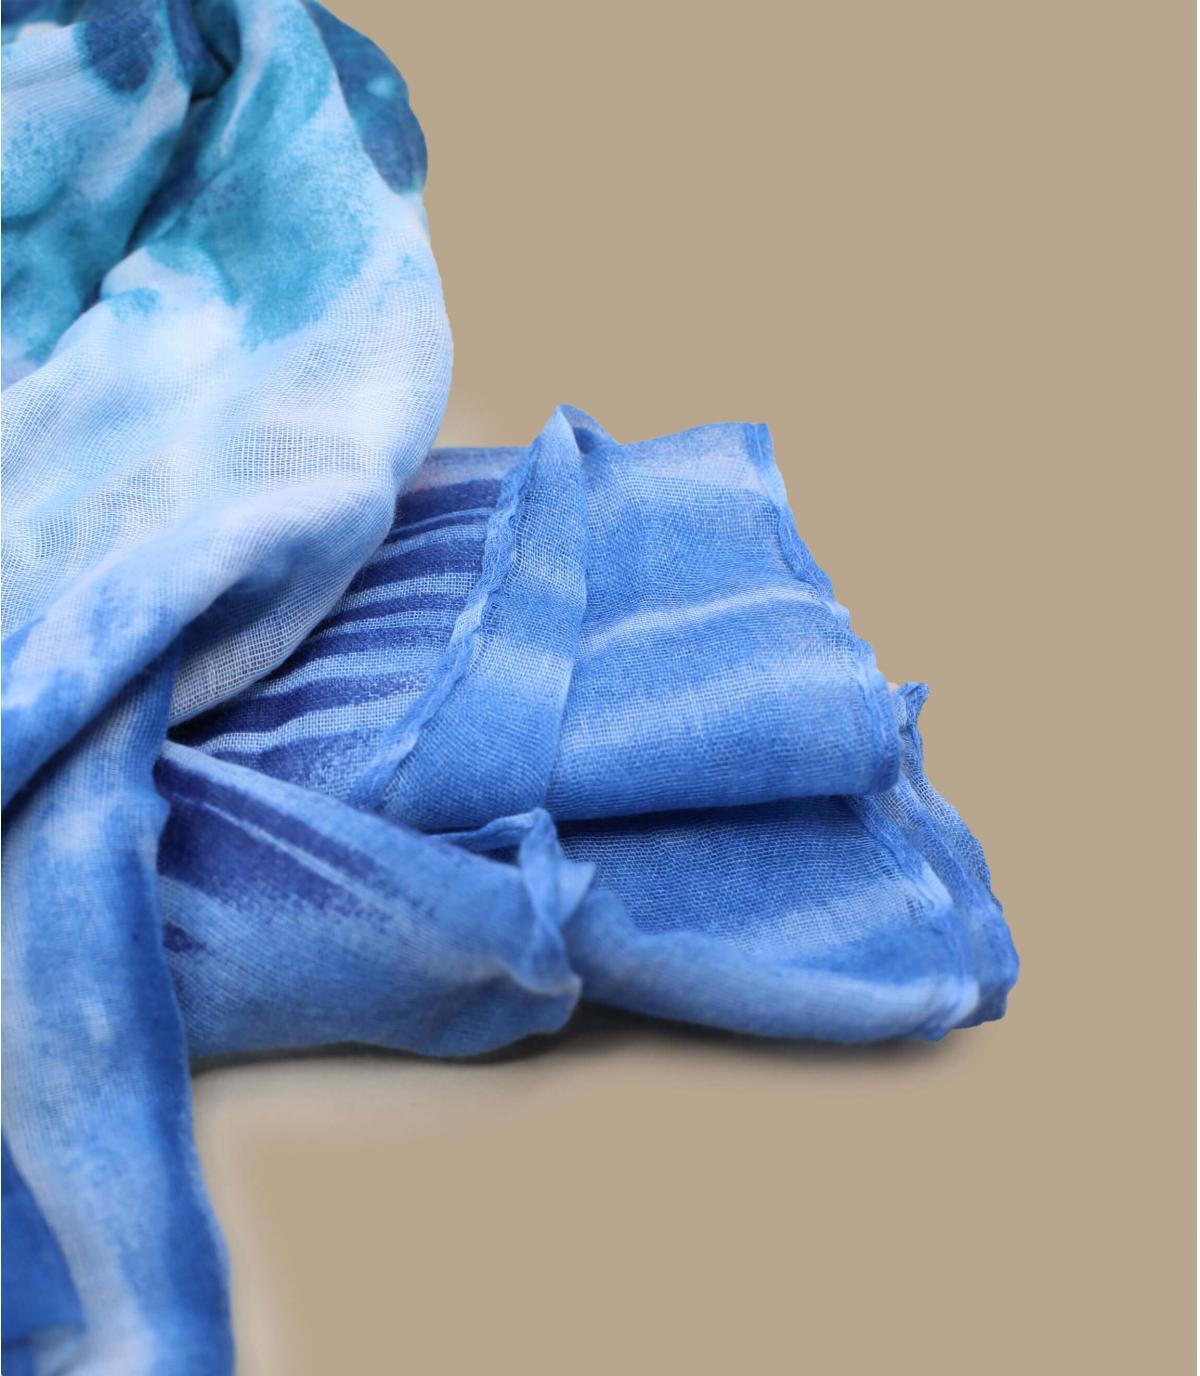 Détails Foulard bleue - image 3